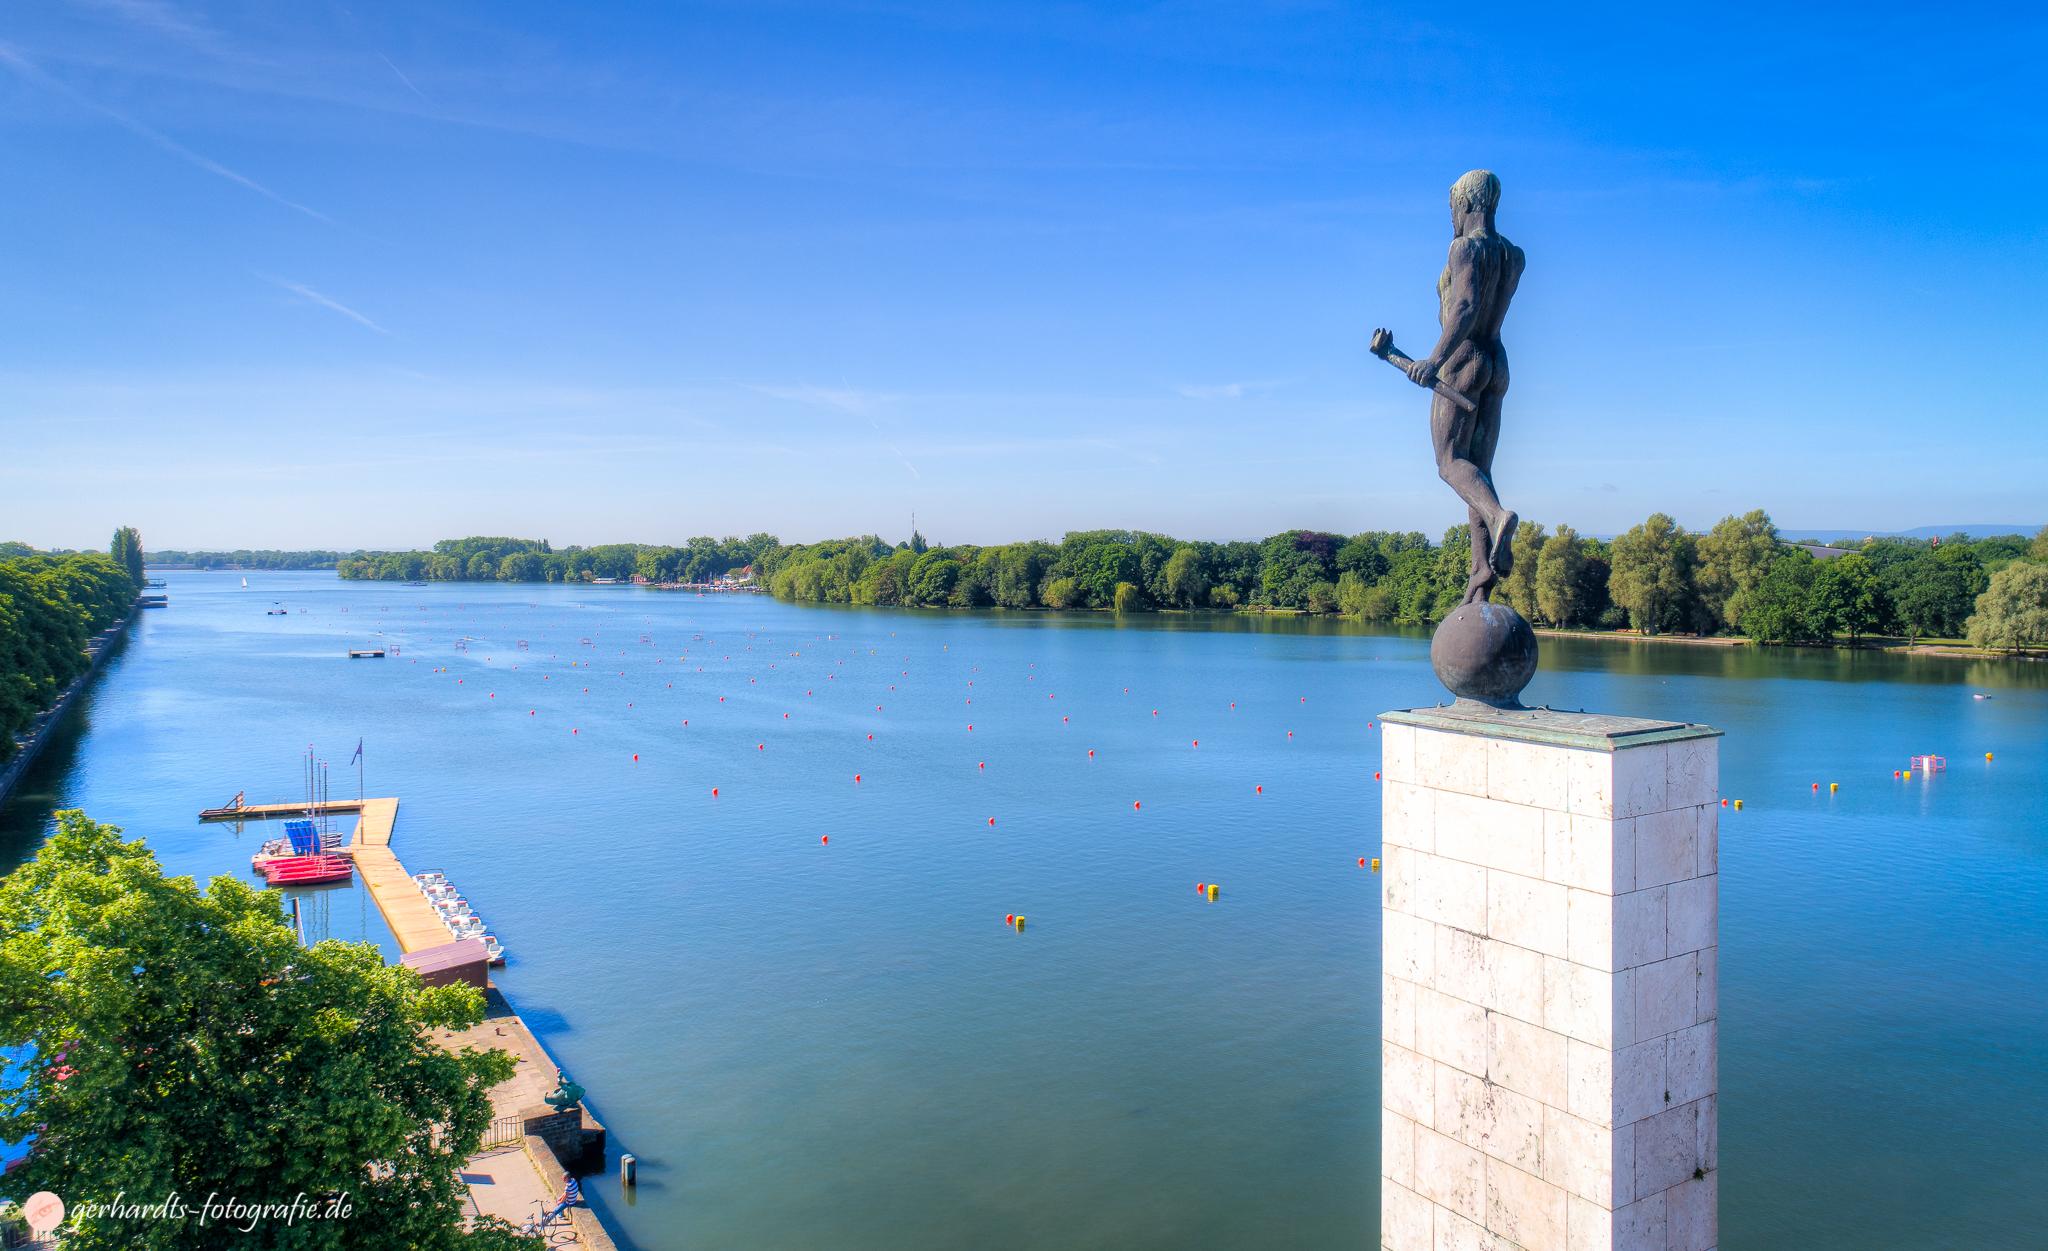 Luftbild Maschsee Hannover